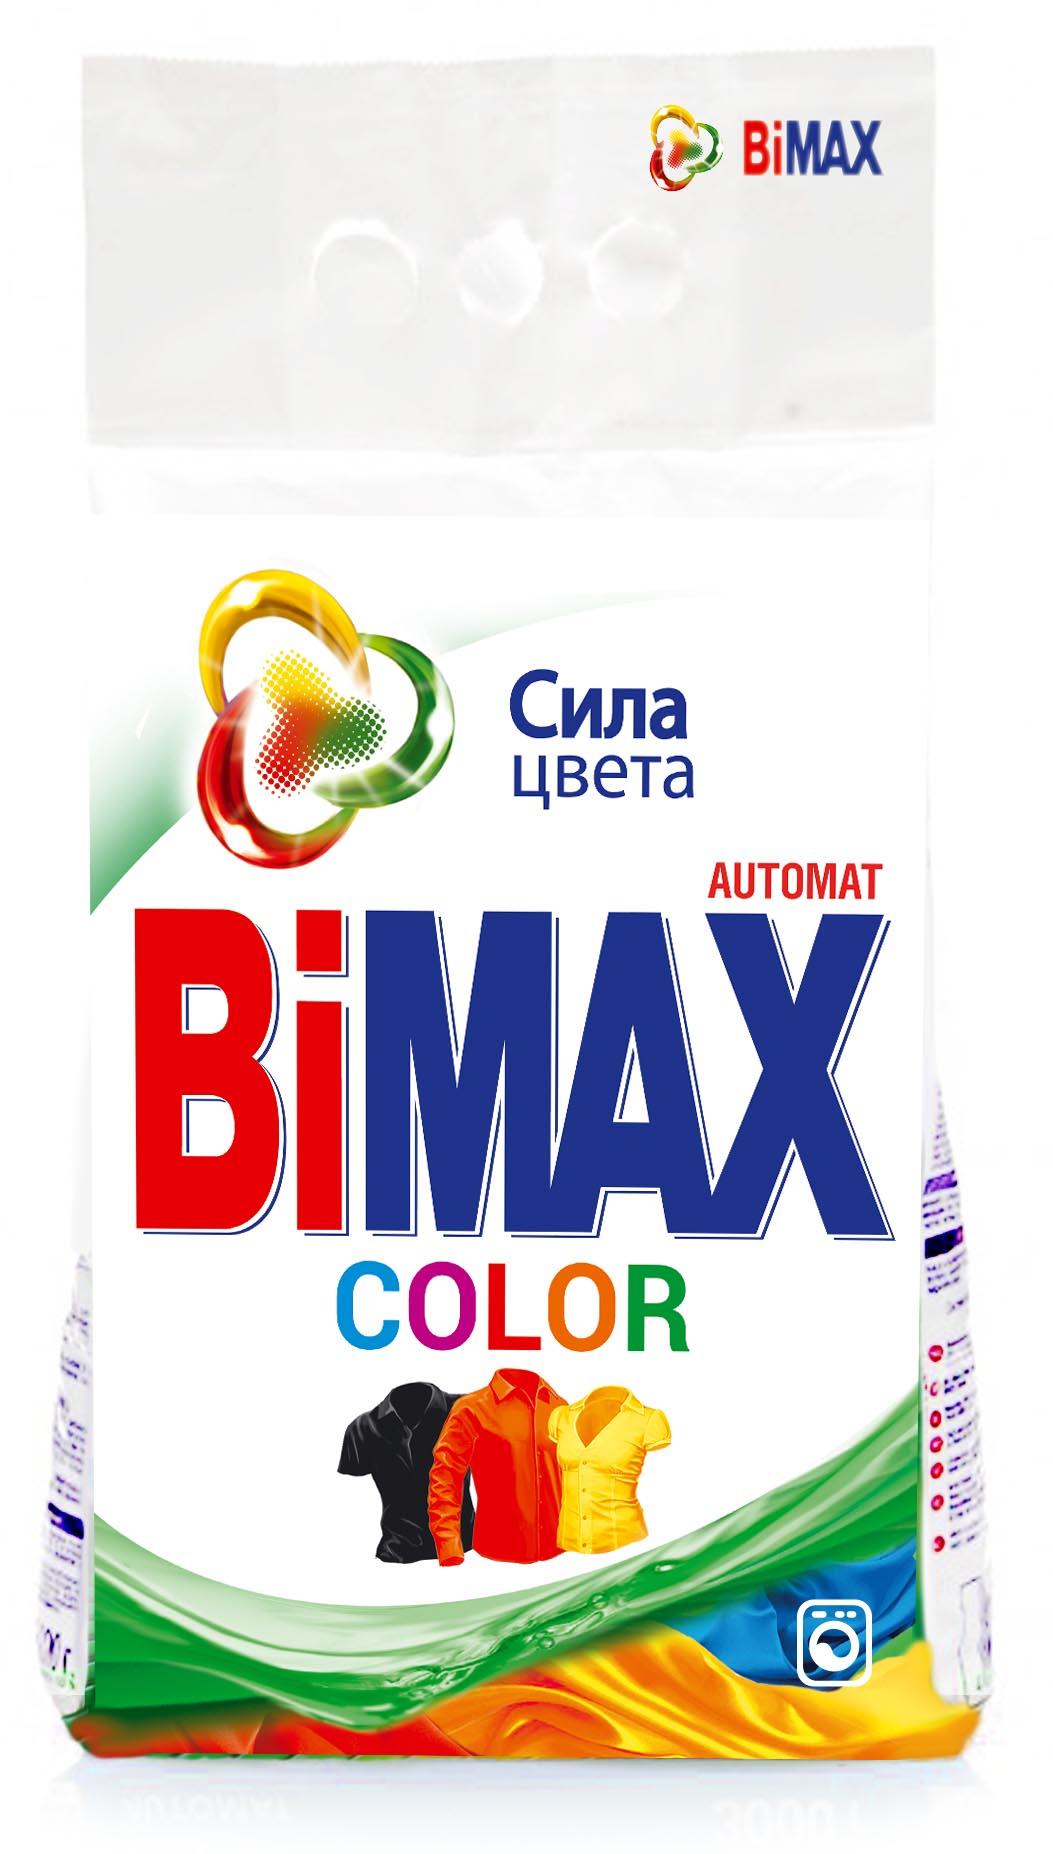 Стиральный порошок BiMax Color, 6 кг526-1Стиральный порошок BiMax Color предназначен для замачивания и стирки изделий из цветных хлопчатобумажных, льняных, синтетических тканей, а также тканей из смешанных волокон. Не предназначен для стирки изделий из шерсти и натурального шелка. Порошок имеет пониженное пенообразование, содержит биодобавки и перекисные соли. BiMax сохраняет цвета ваших любимых вещей даже после многократных стирок. Эффективно удаляет загрязнения и трудновыводимые пятна, а также защищает структуру волокон ткани и препятствует появлению катышек. Кроме того, порошок экономит ваши средства: 6 кг BiMax заменяют 9 кг обычного порошка. Подходит для стиральных машин любого типа и ручной стирки. Характеристики: Вес: 6 кг. Артикул: 526-1. Товар сертифицирован.